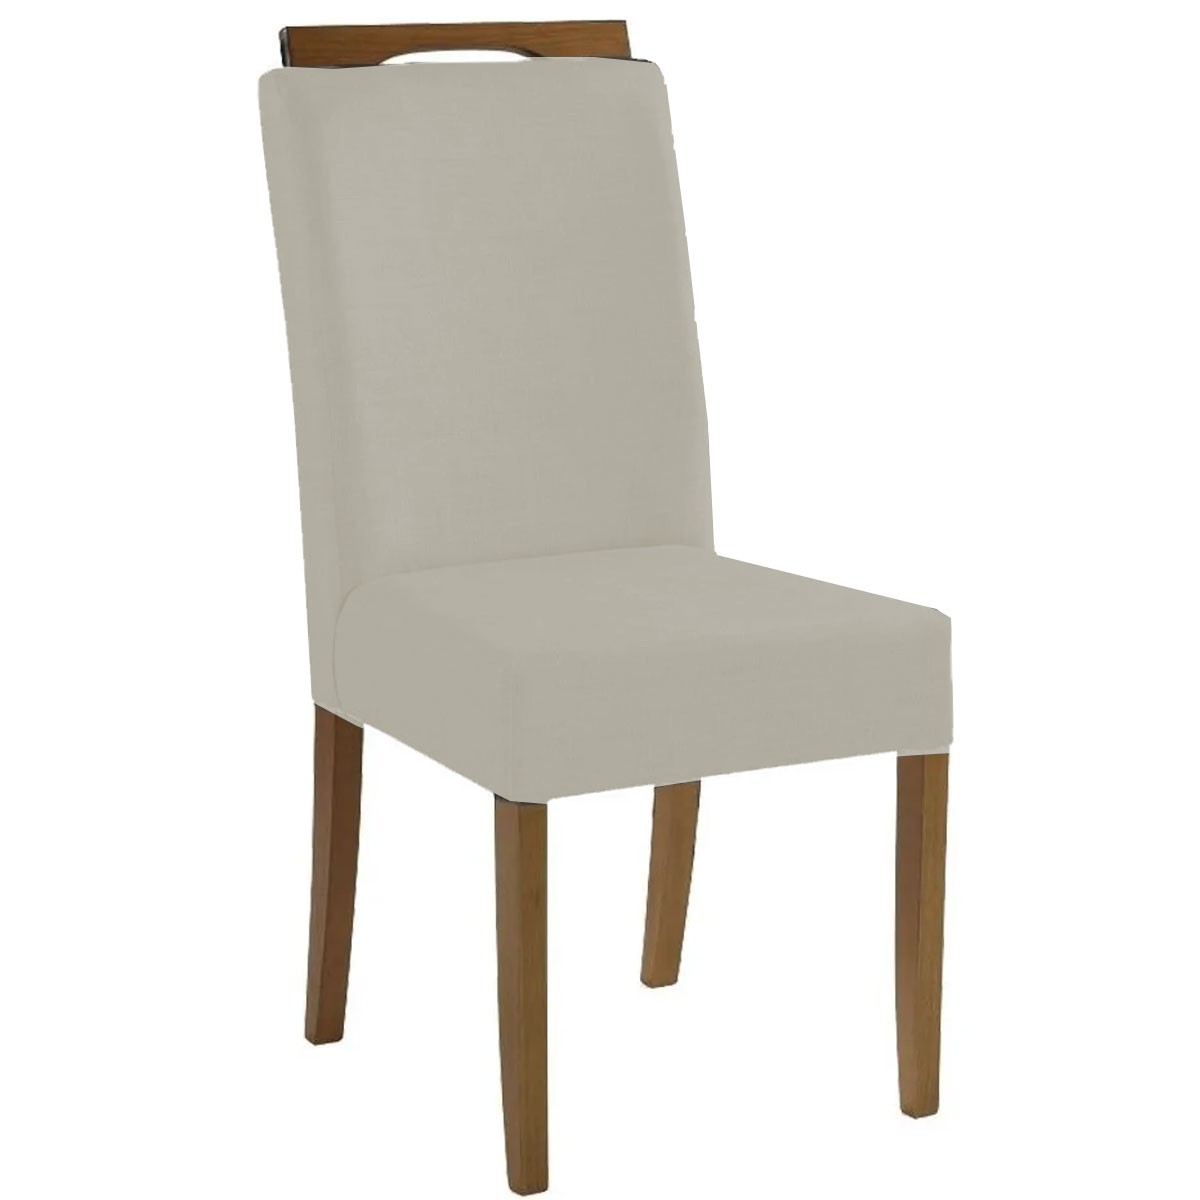 Kit 2 Cadeiras Estofadas Heloísa 100% Madeira Suede Bege